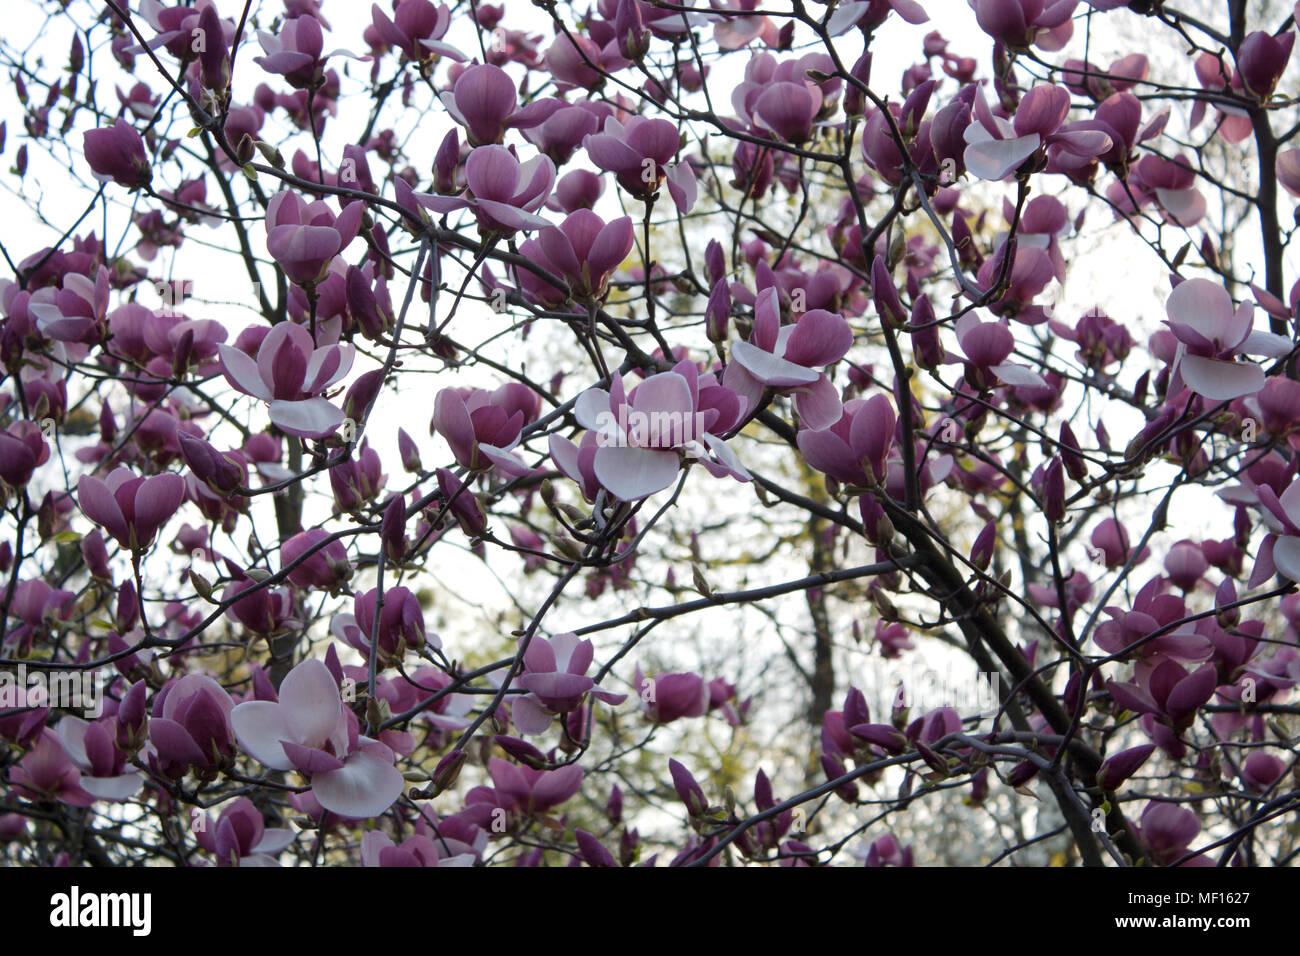 Fiori Bianchi Viola.Albero Di Magnolia Il Ramo In Fiore Con Viola E Fiori Bianchi Foto